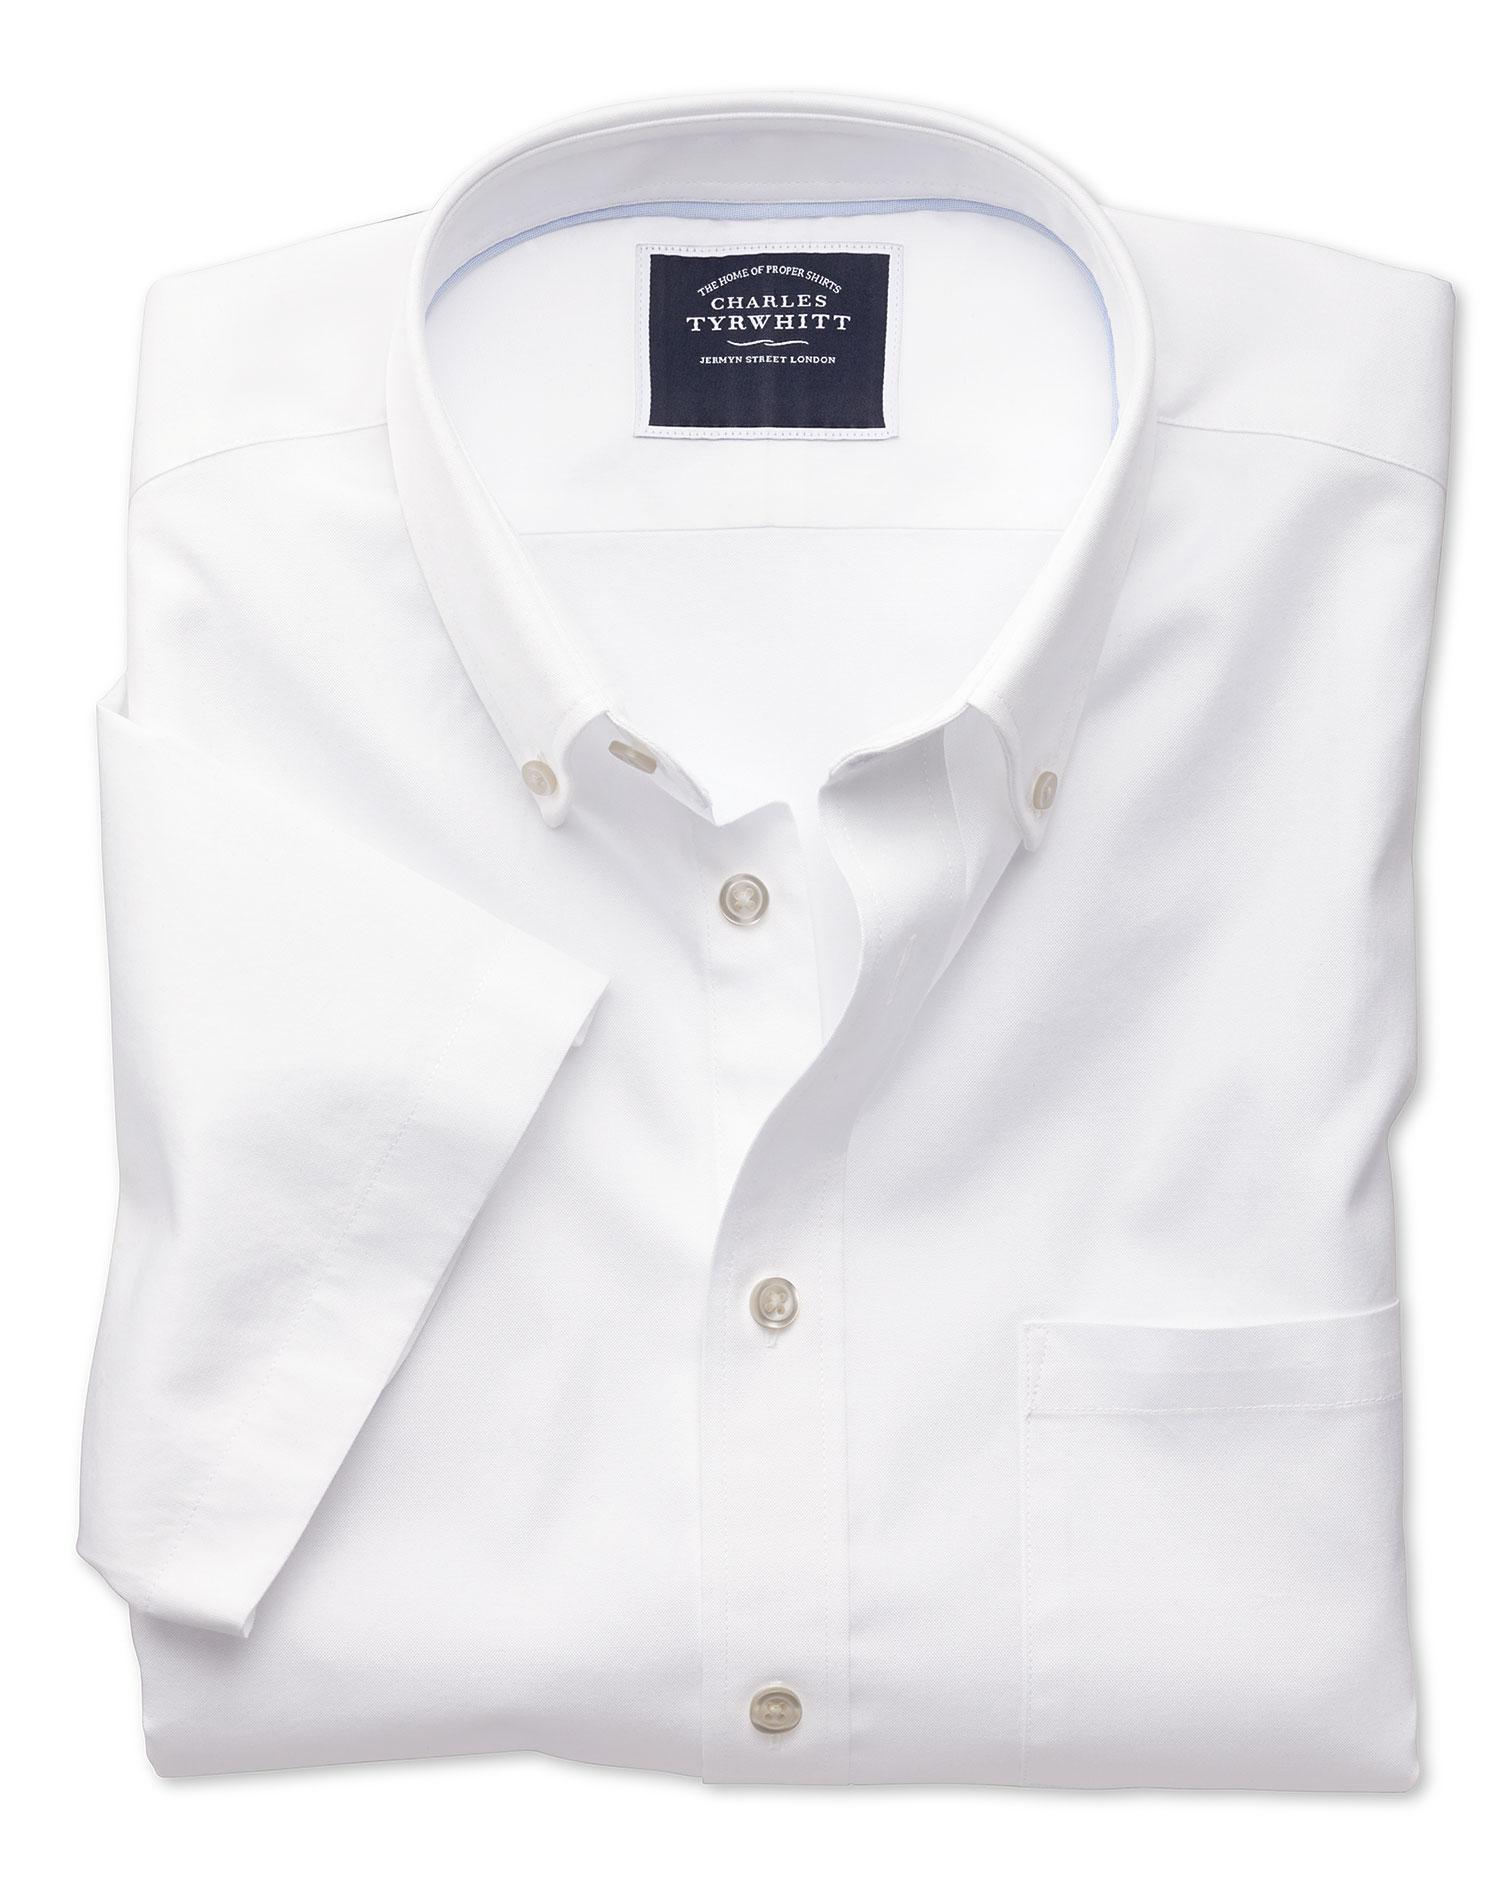 Camisa Oxford blanca de tela lavada y corte entallado de manga corta con  cuello con botones bba1f1b553a50